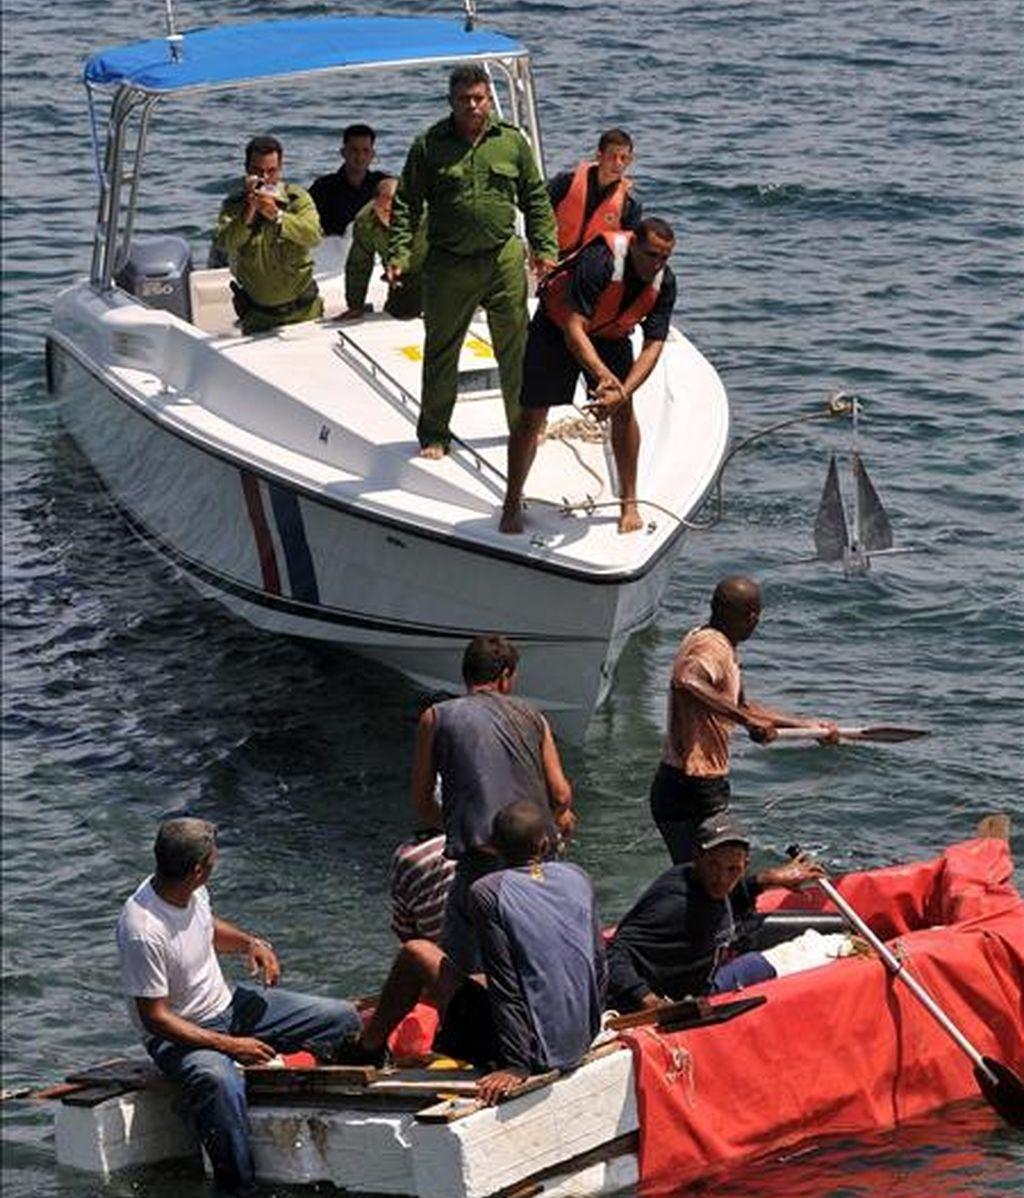 Imagen de este jueves de guardafronteras cubanos que tratan de abordar una embarcación rústica de un grupo de balseros que intentan una salida ilegal. EFE